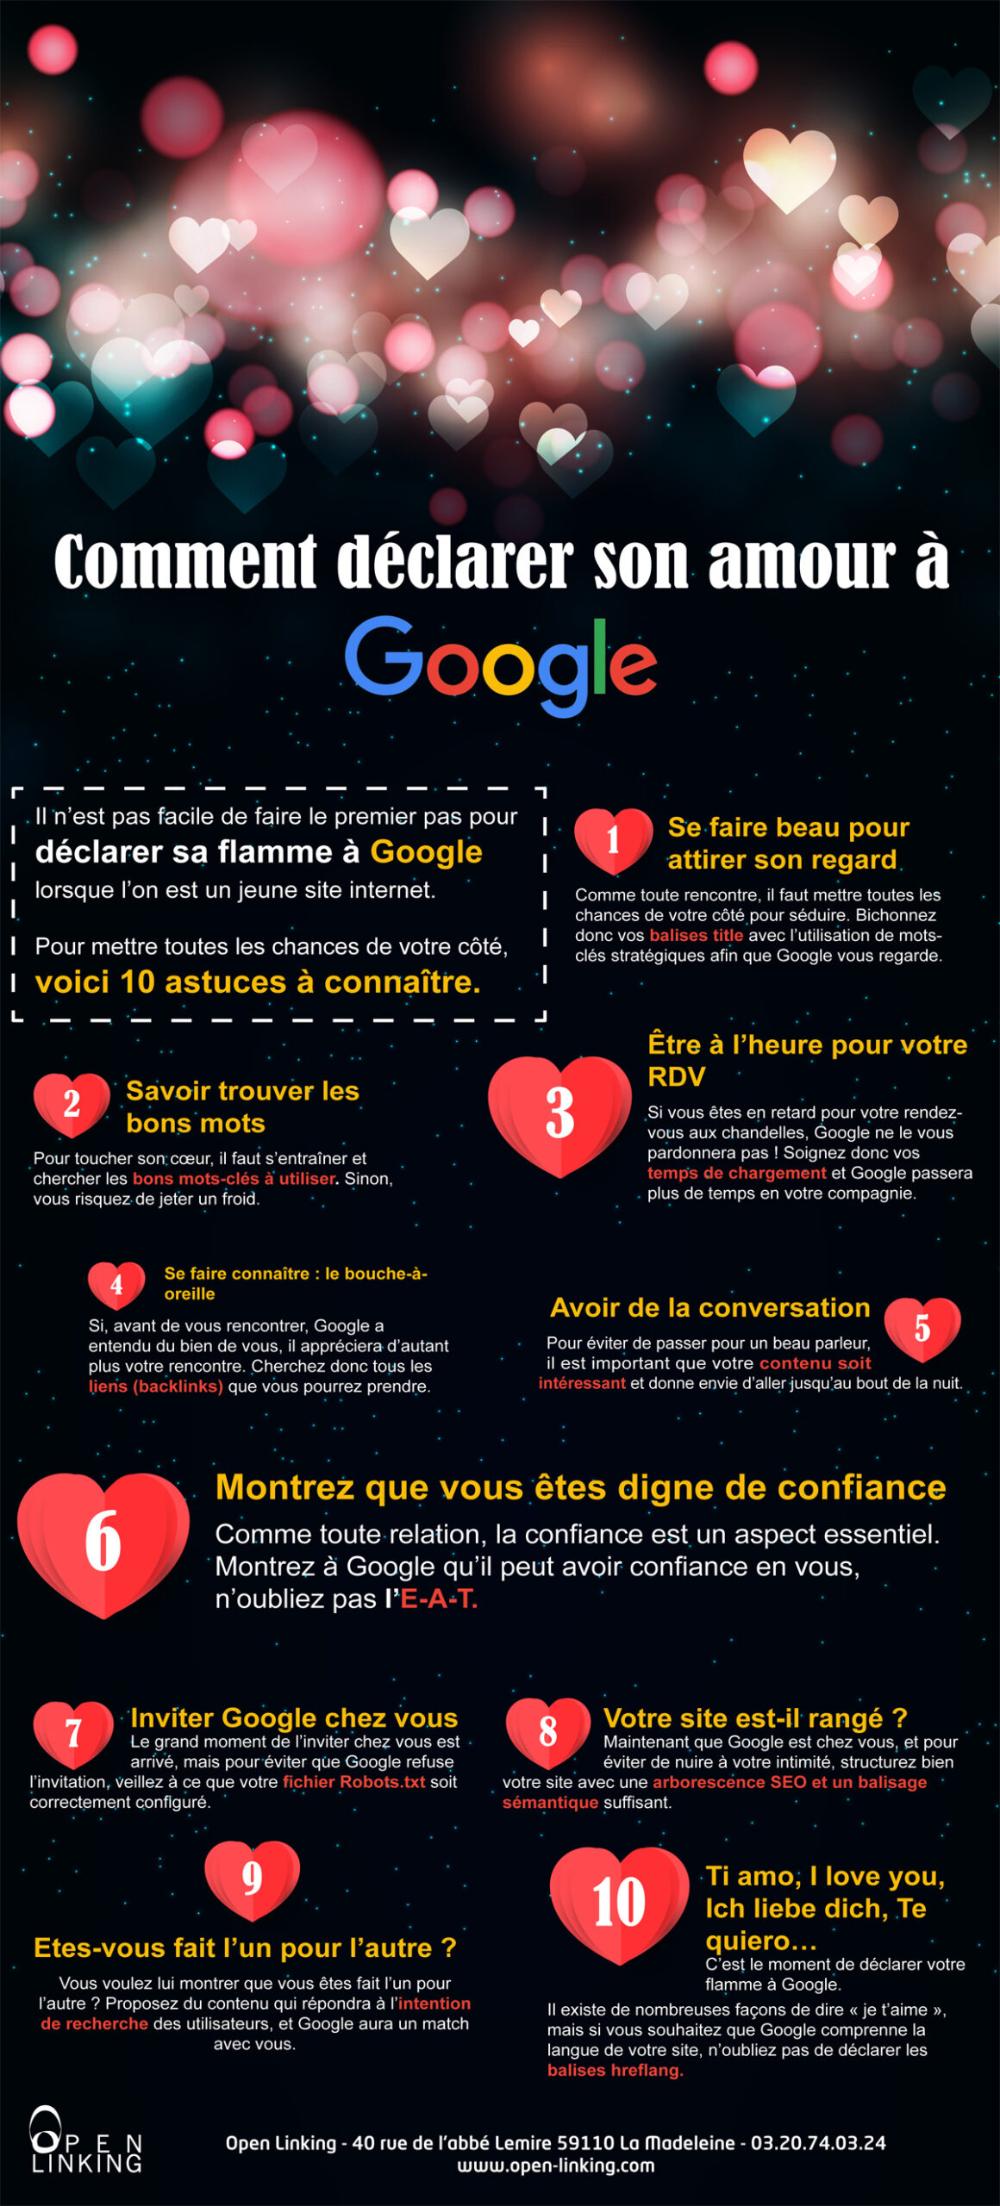 Infographie Seo Et Saint Valentin Comment Seduire Google Actualites Seo Et Moteurs Abondance En 2020 Infographie